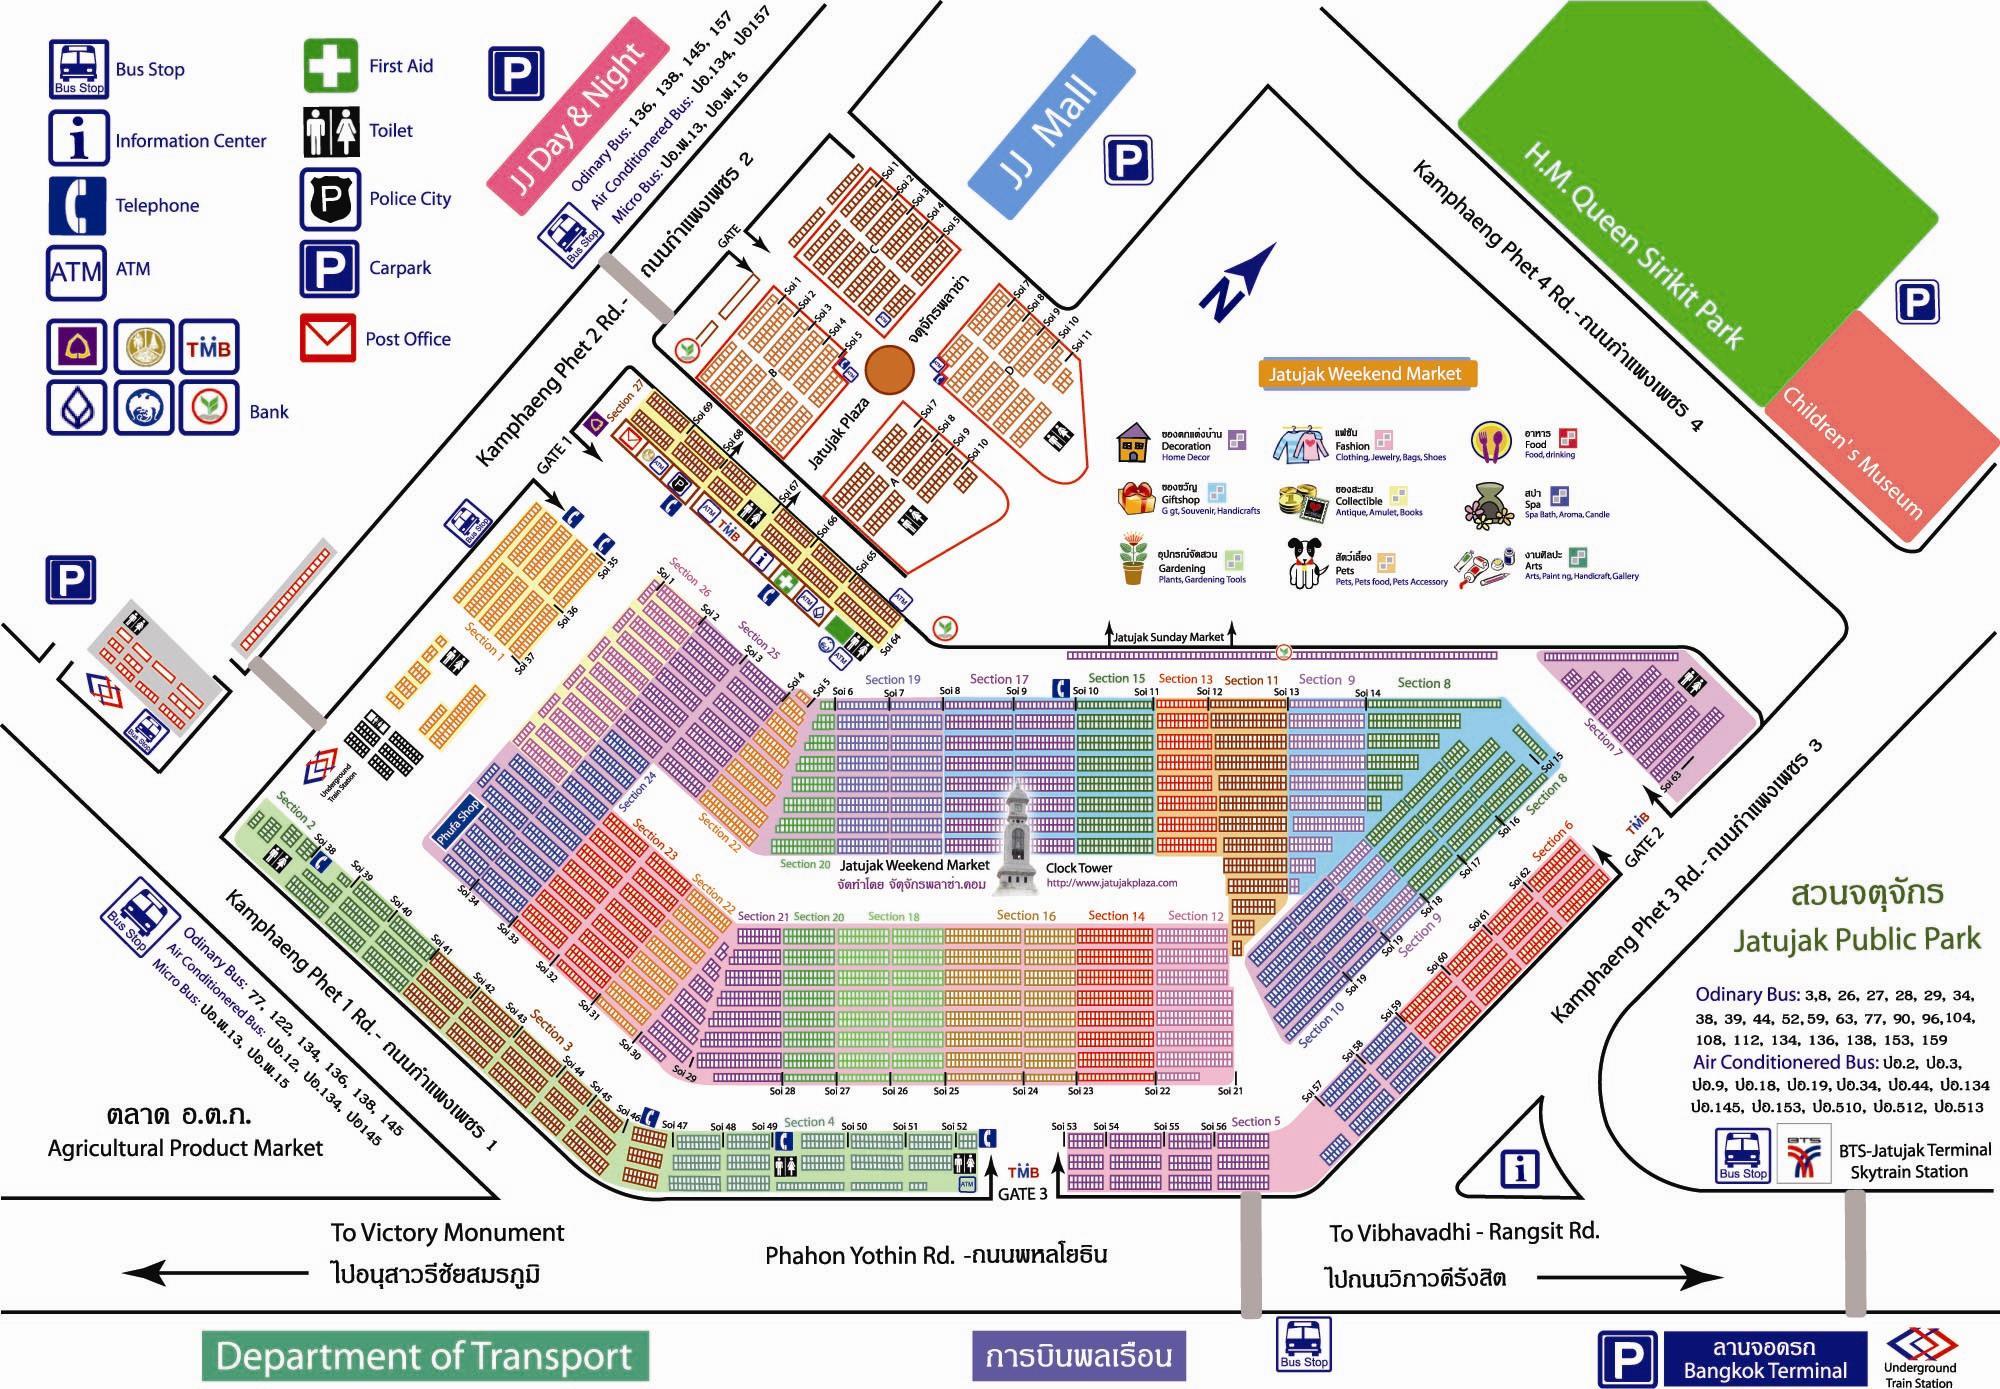 Карта - схема ранка Чатучак в Бангкоке